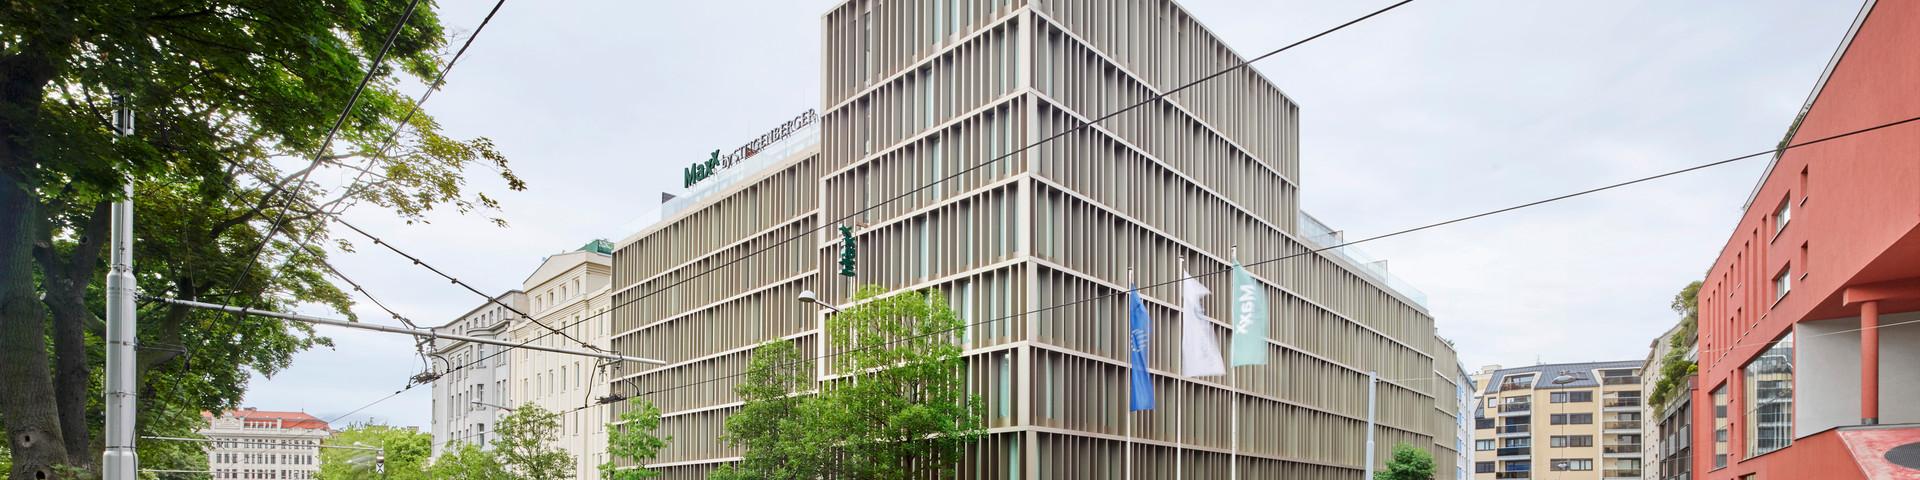 MAXX by Steigenberger Hotel Vienna - Aussenansicht © MAXX by Steigenberger